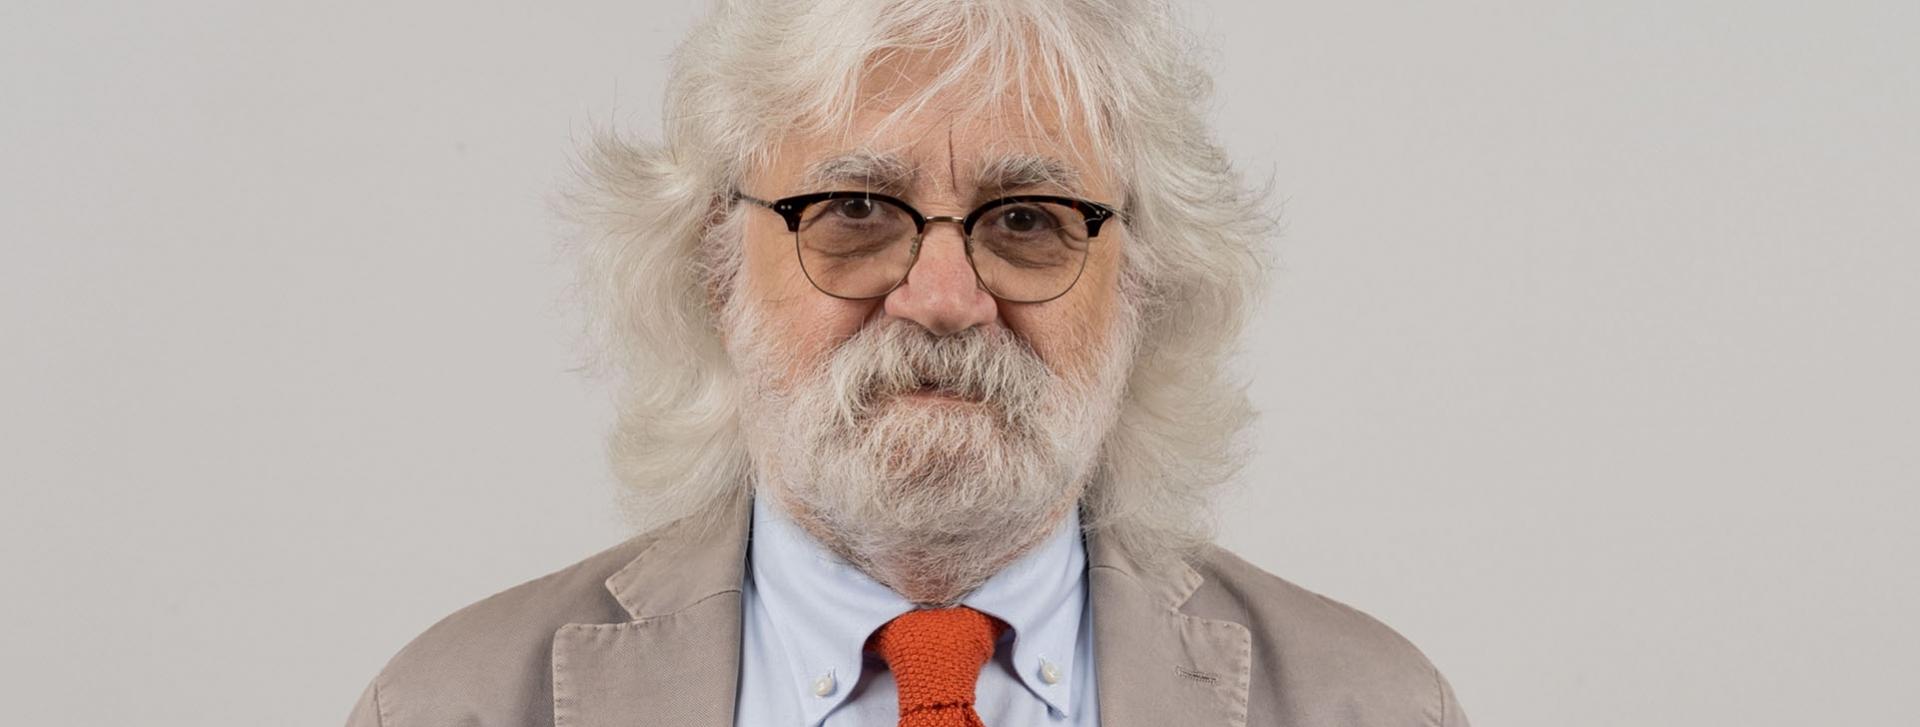 Lucio Leonardelli